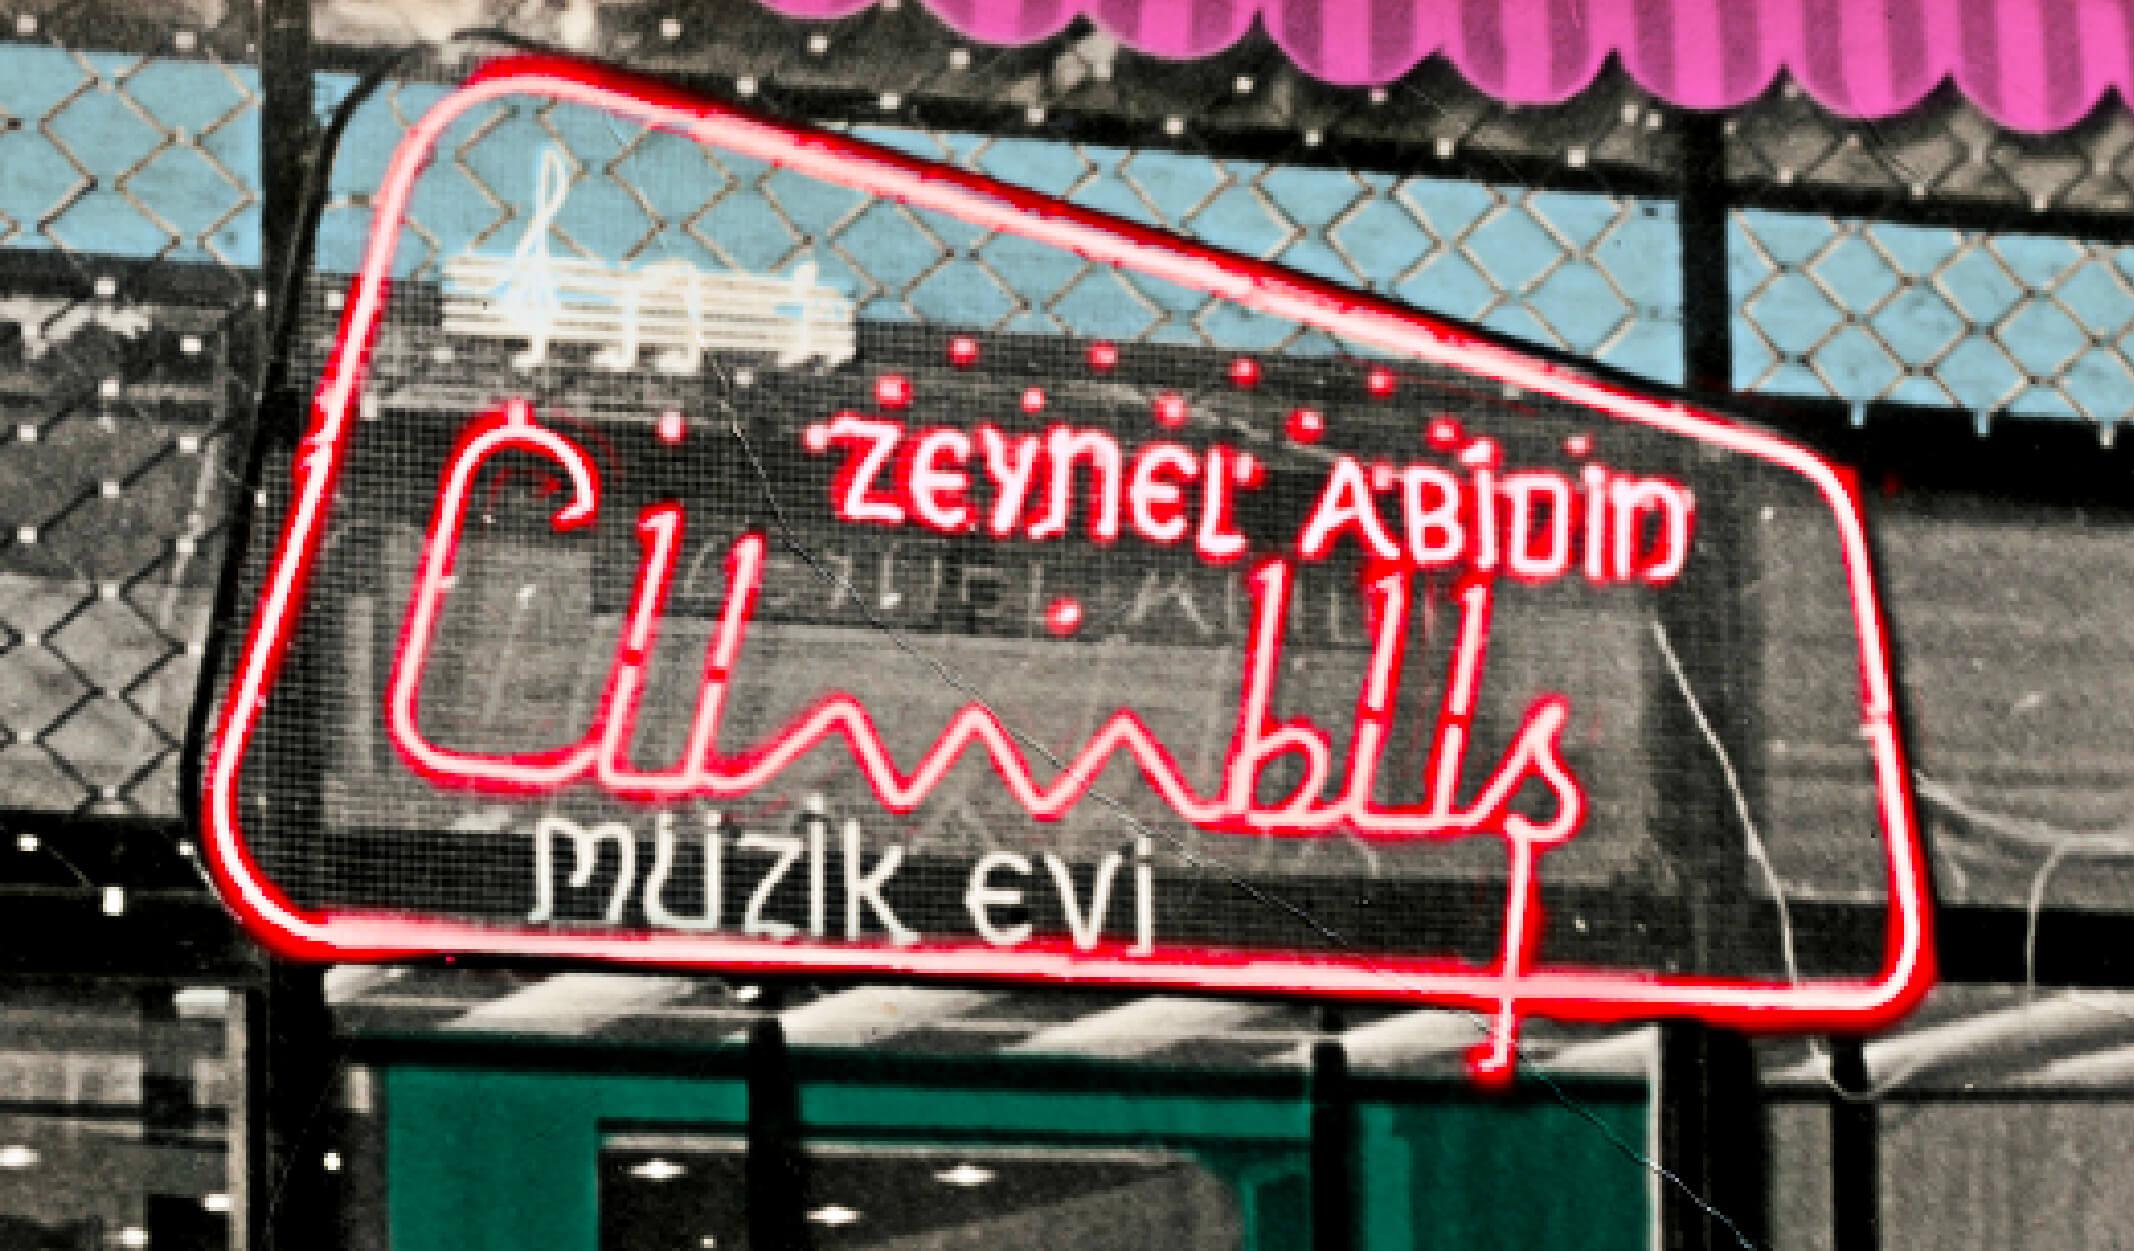 zeynel abidin, cümbüş, türk sanat müziği